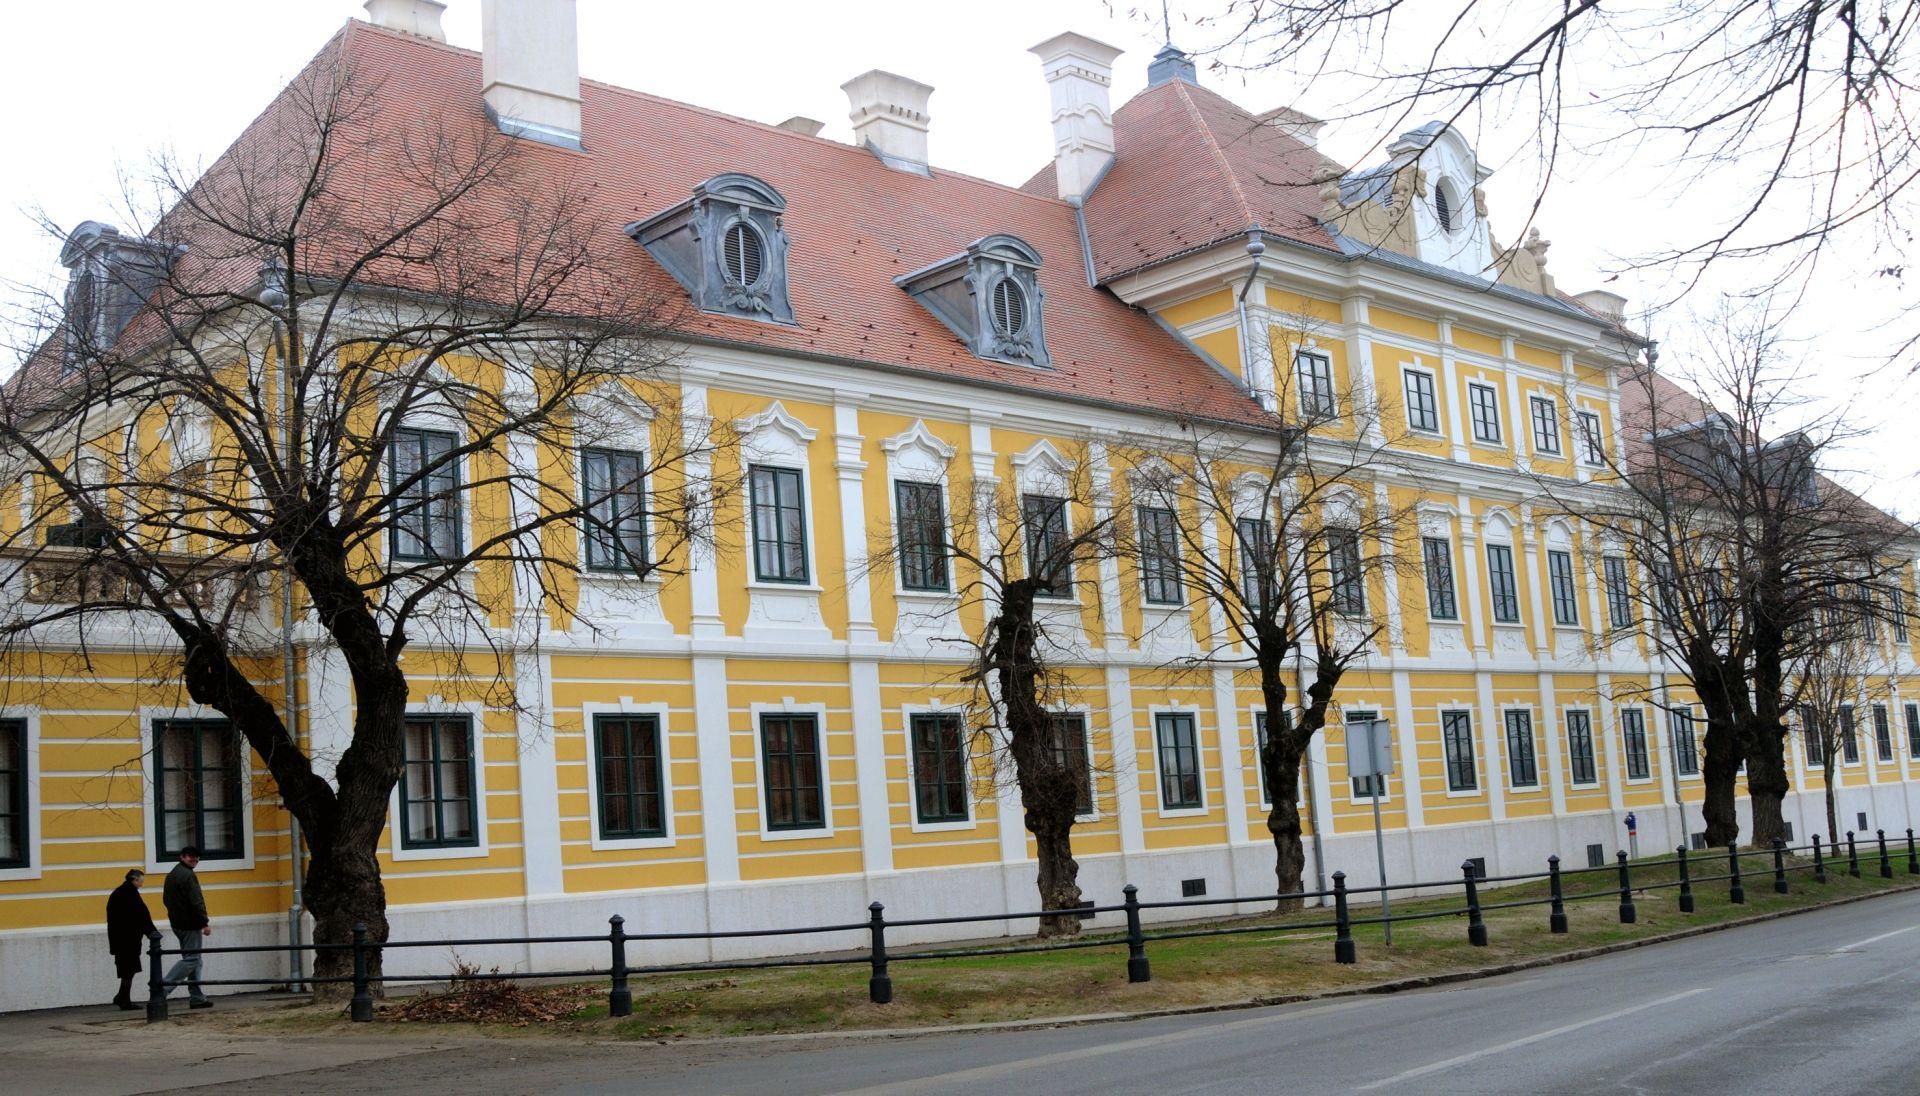 Druga adventska svijeća posvećena kulturnoj obnovi Vukovara